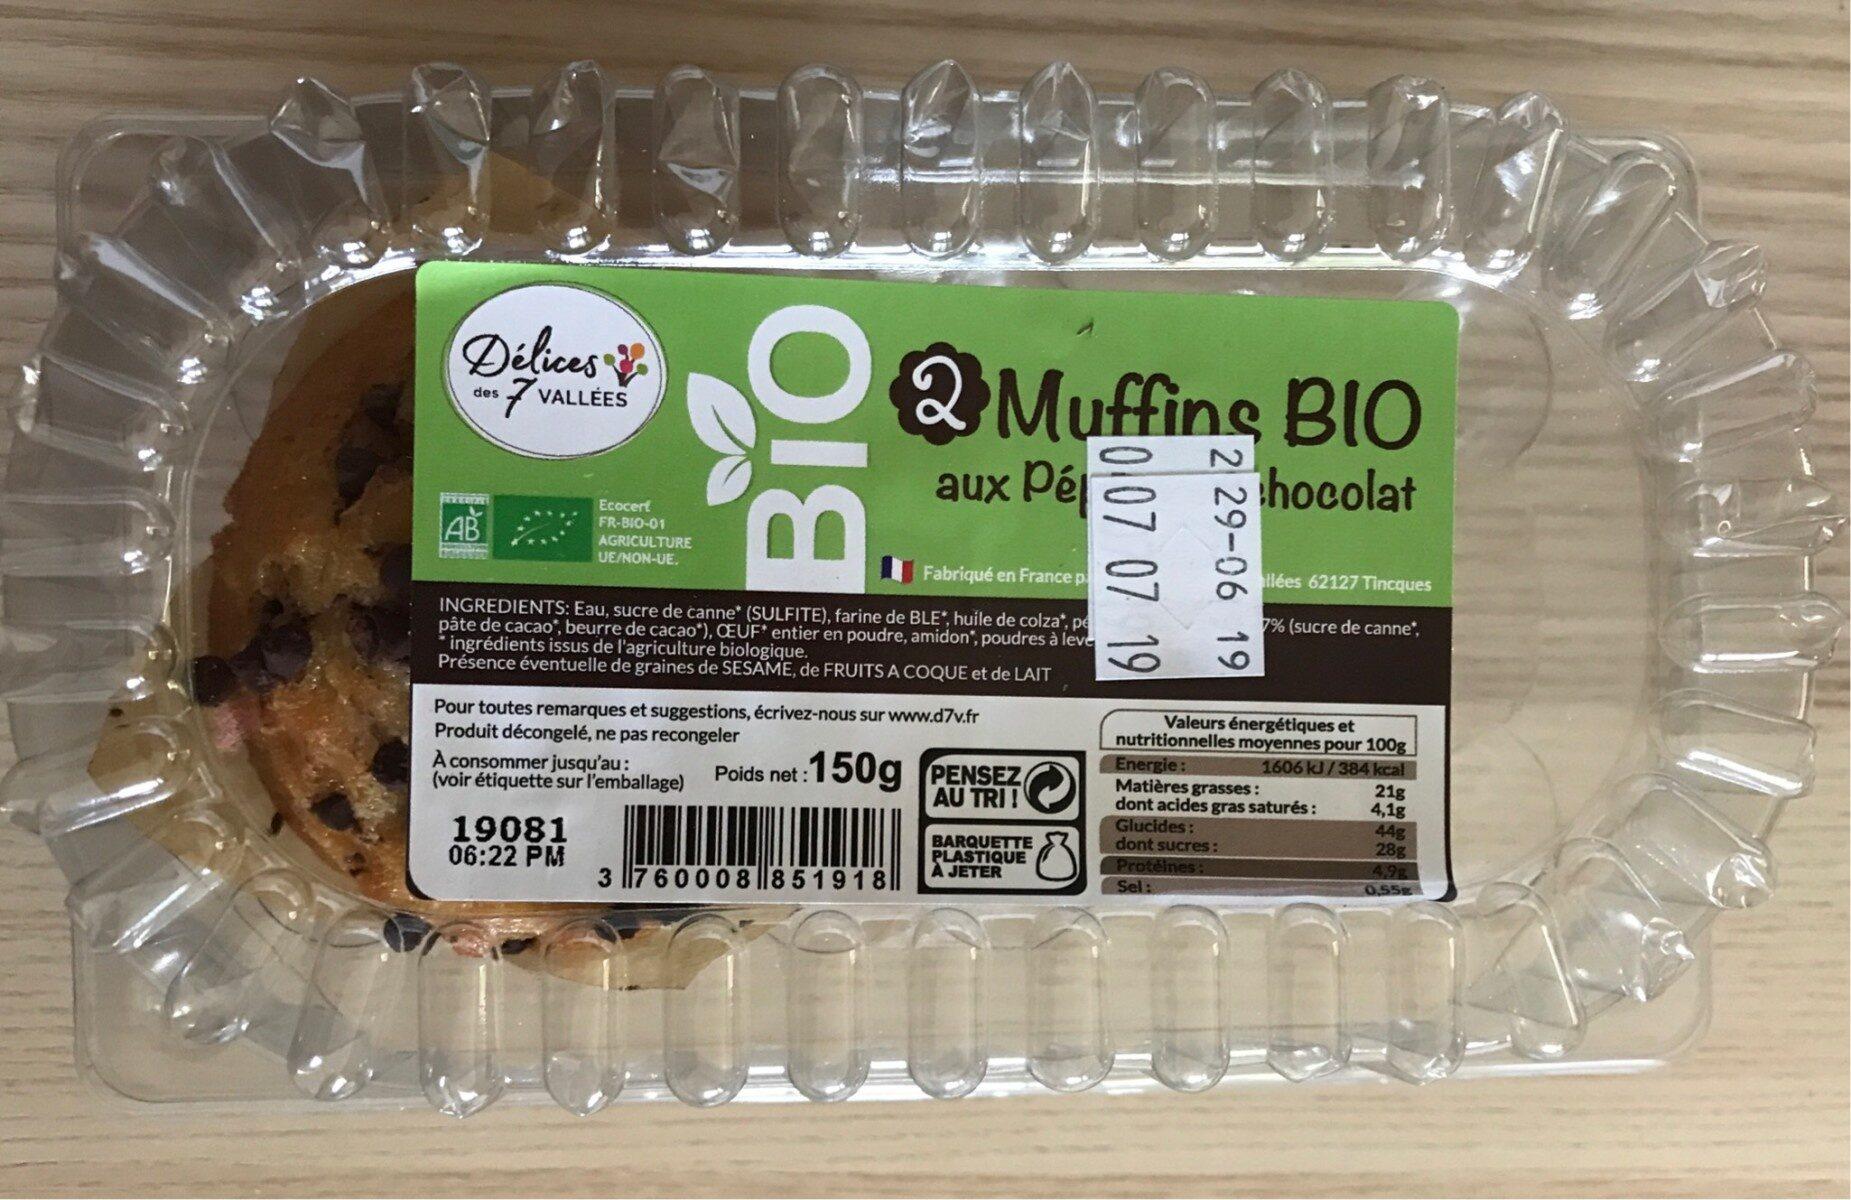 Muffins bio aux pepites de chocolat - Produit